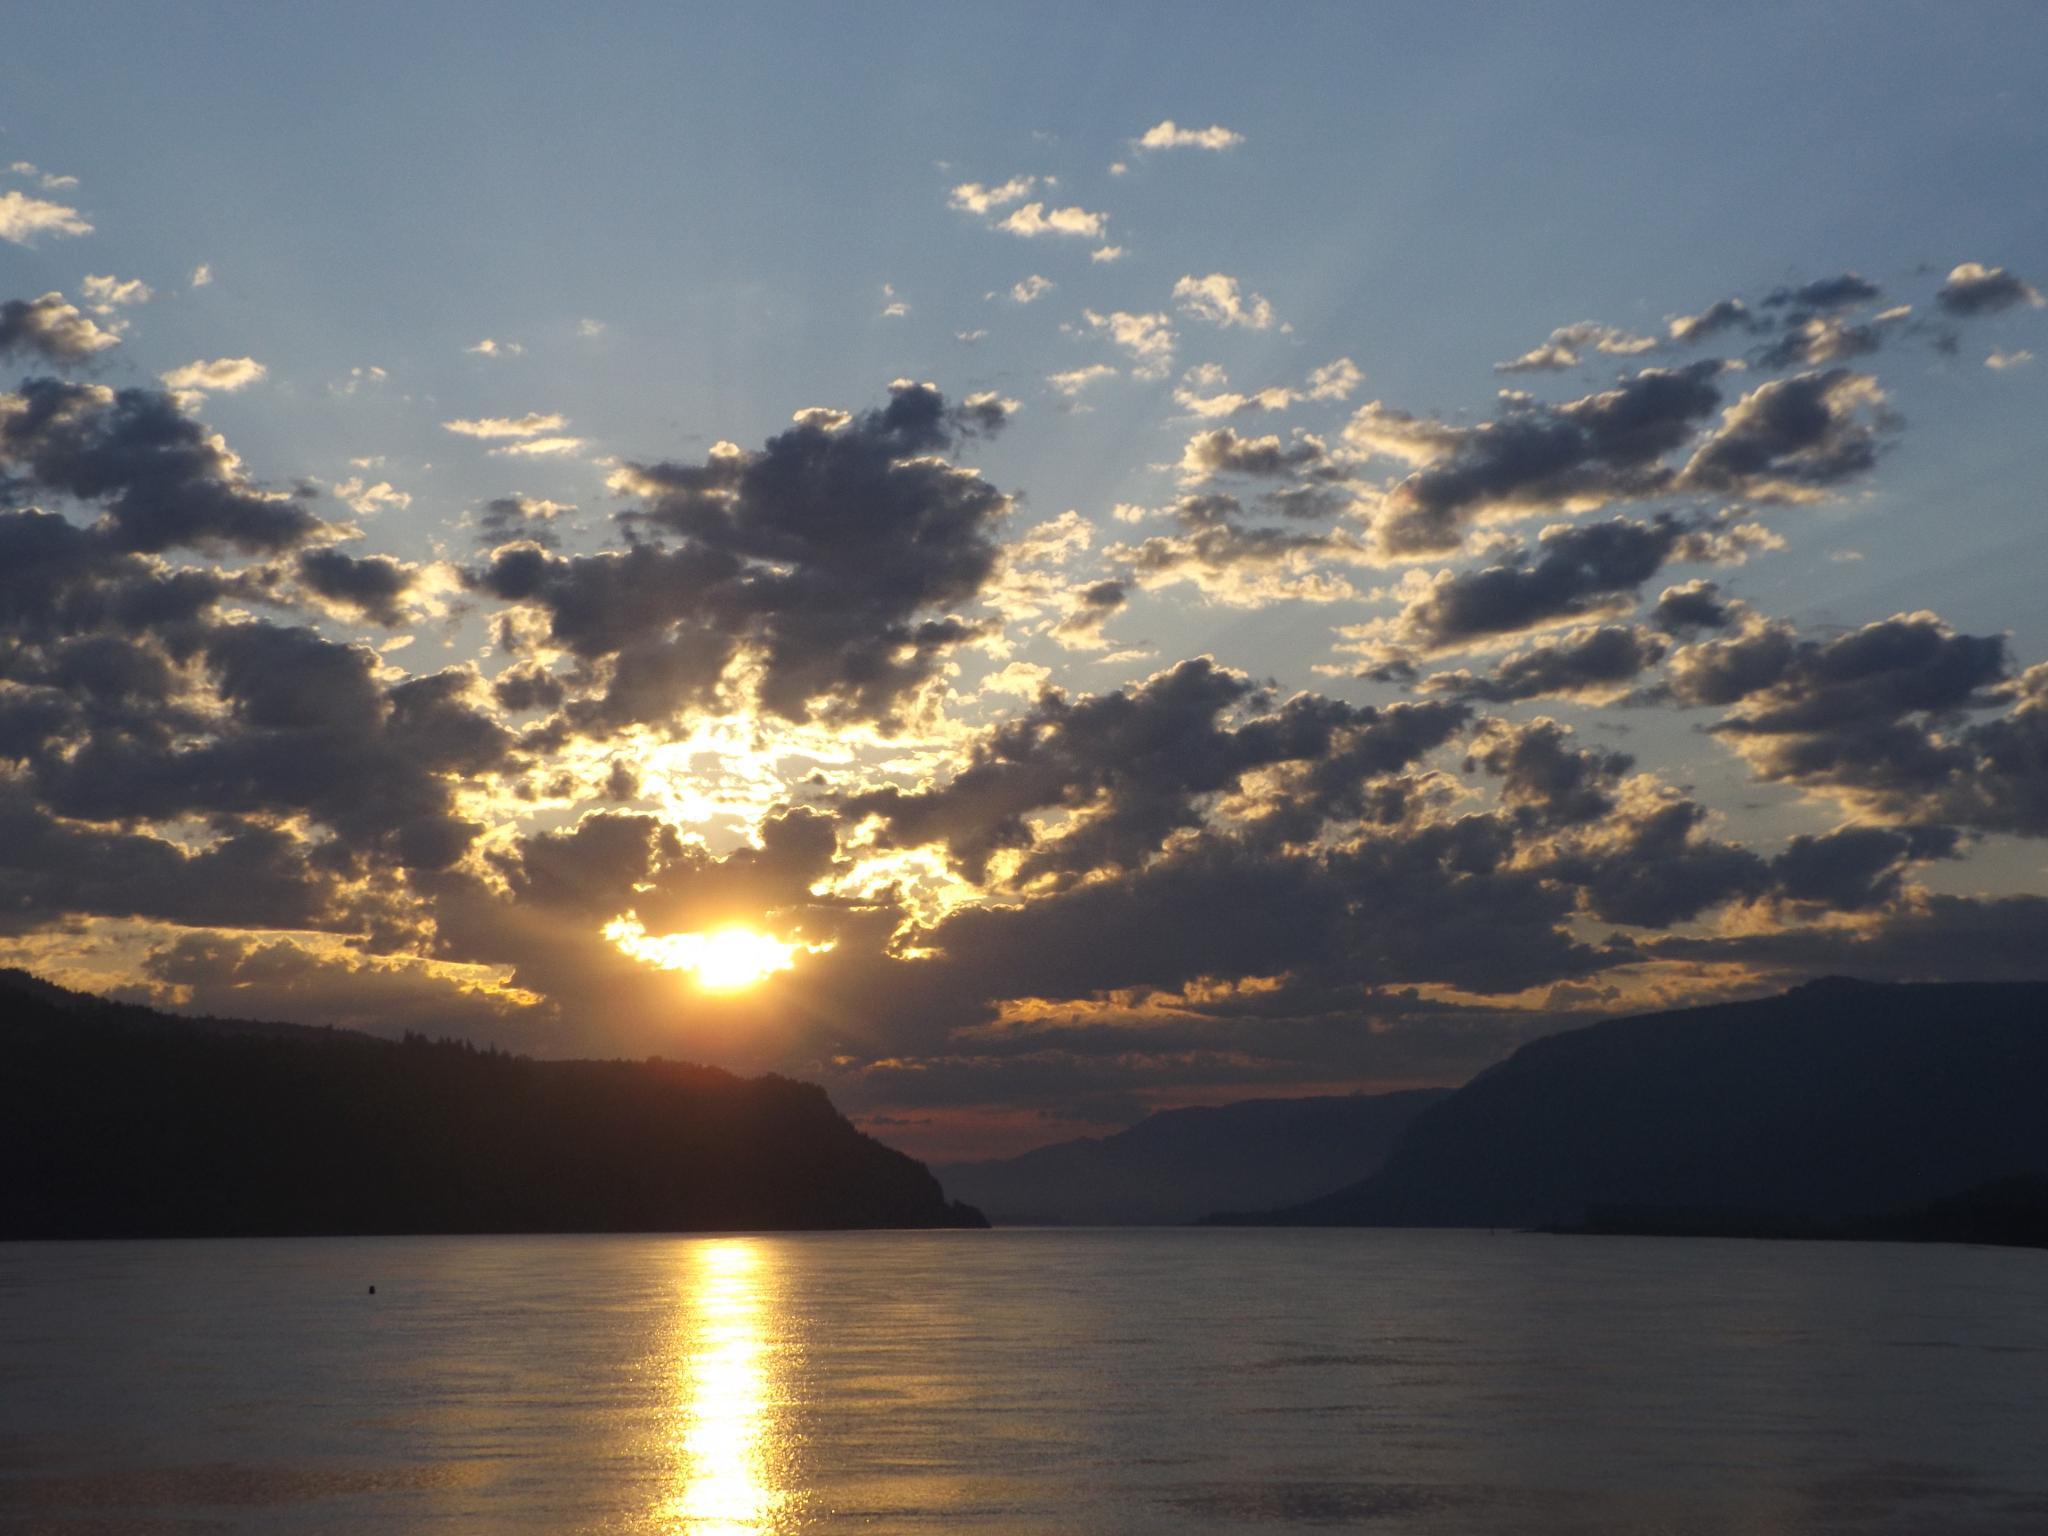 Oregon sunrise by kswolfy